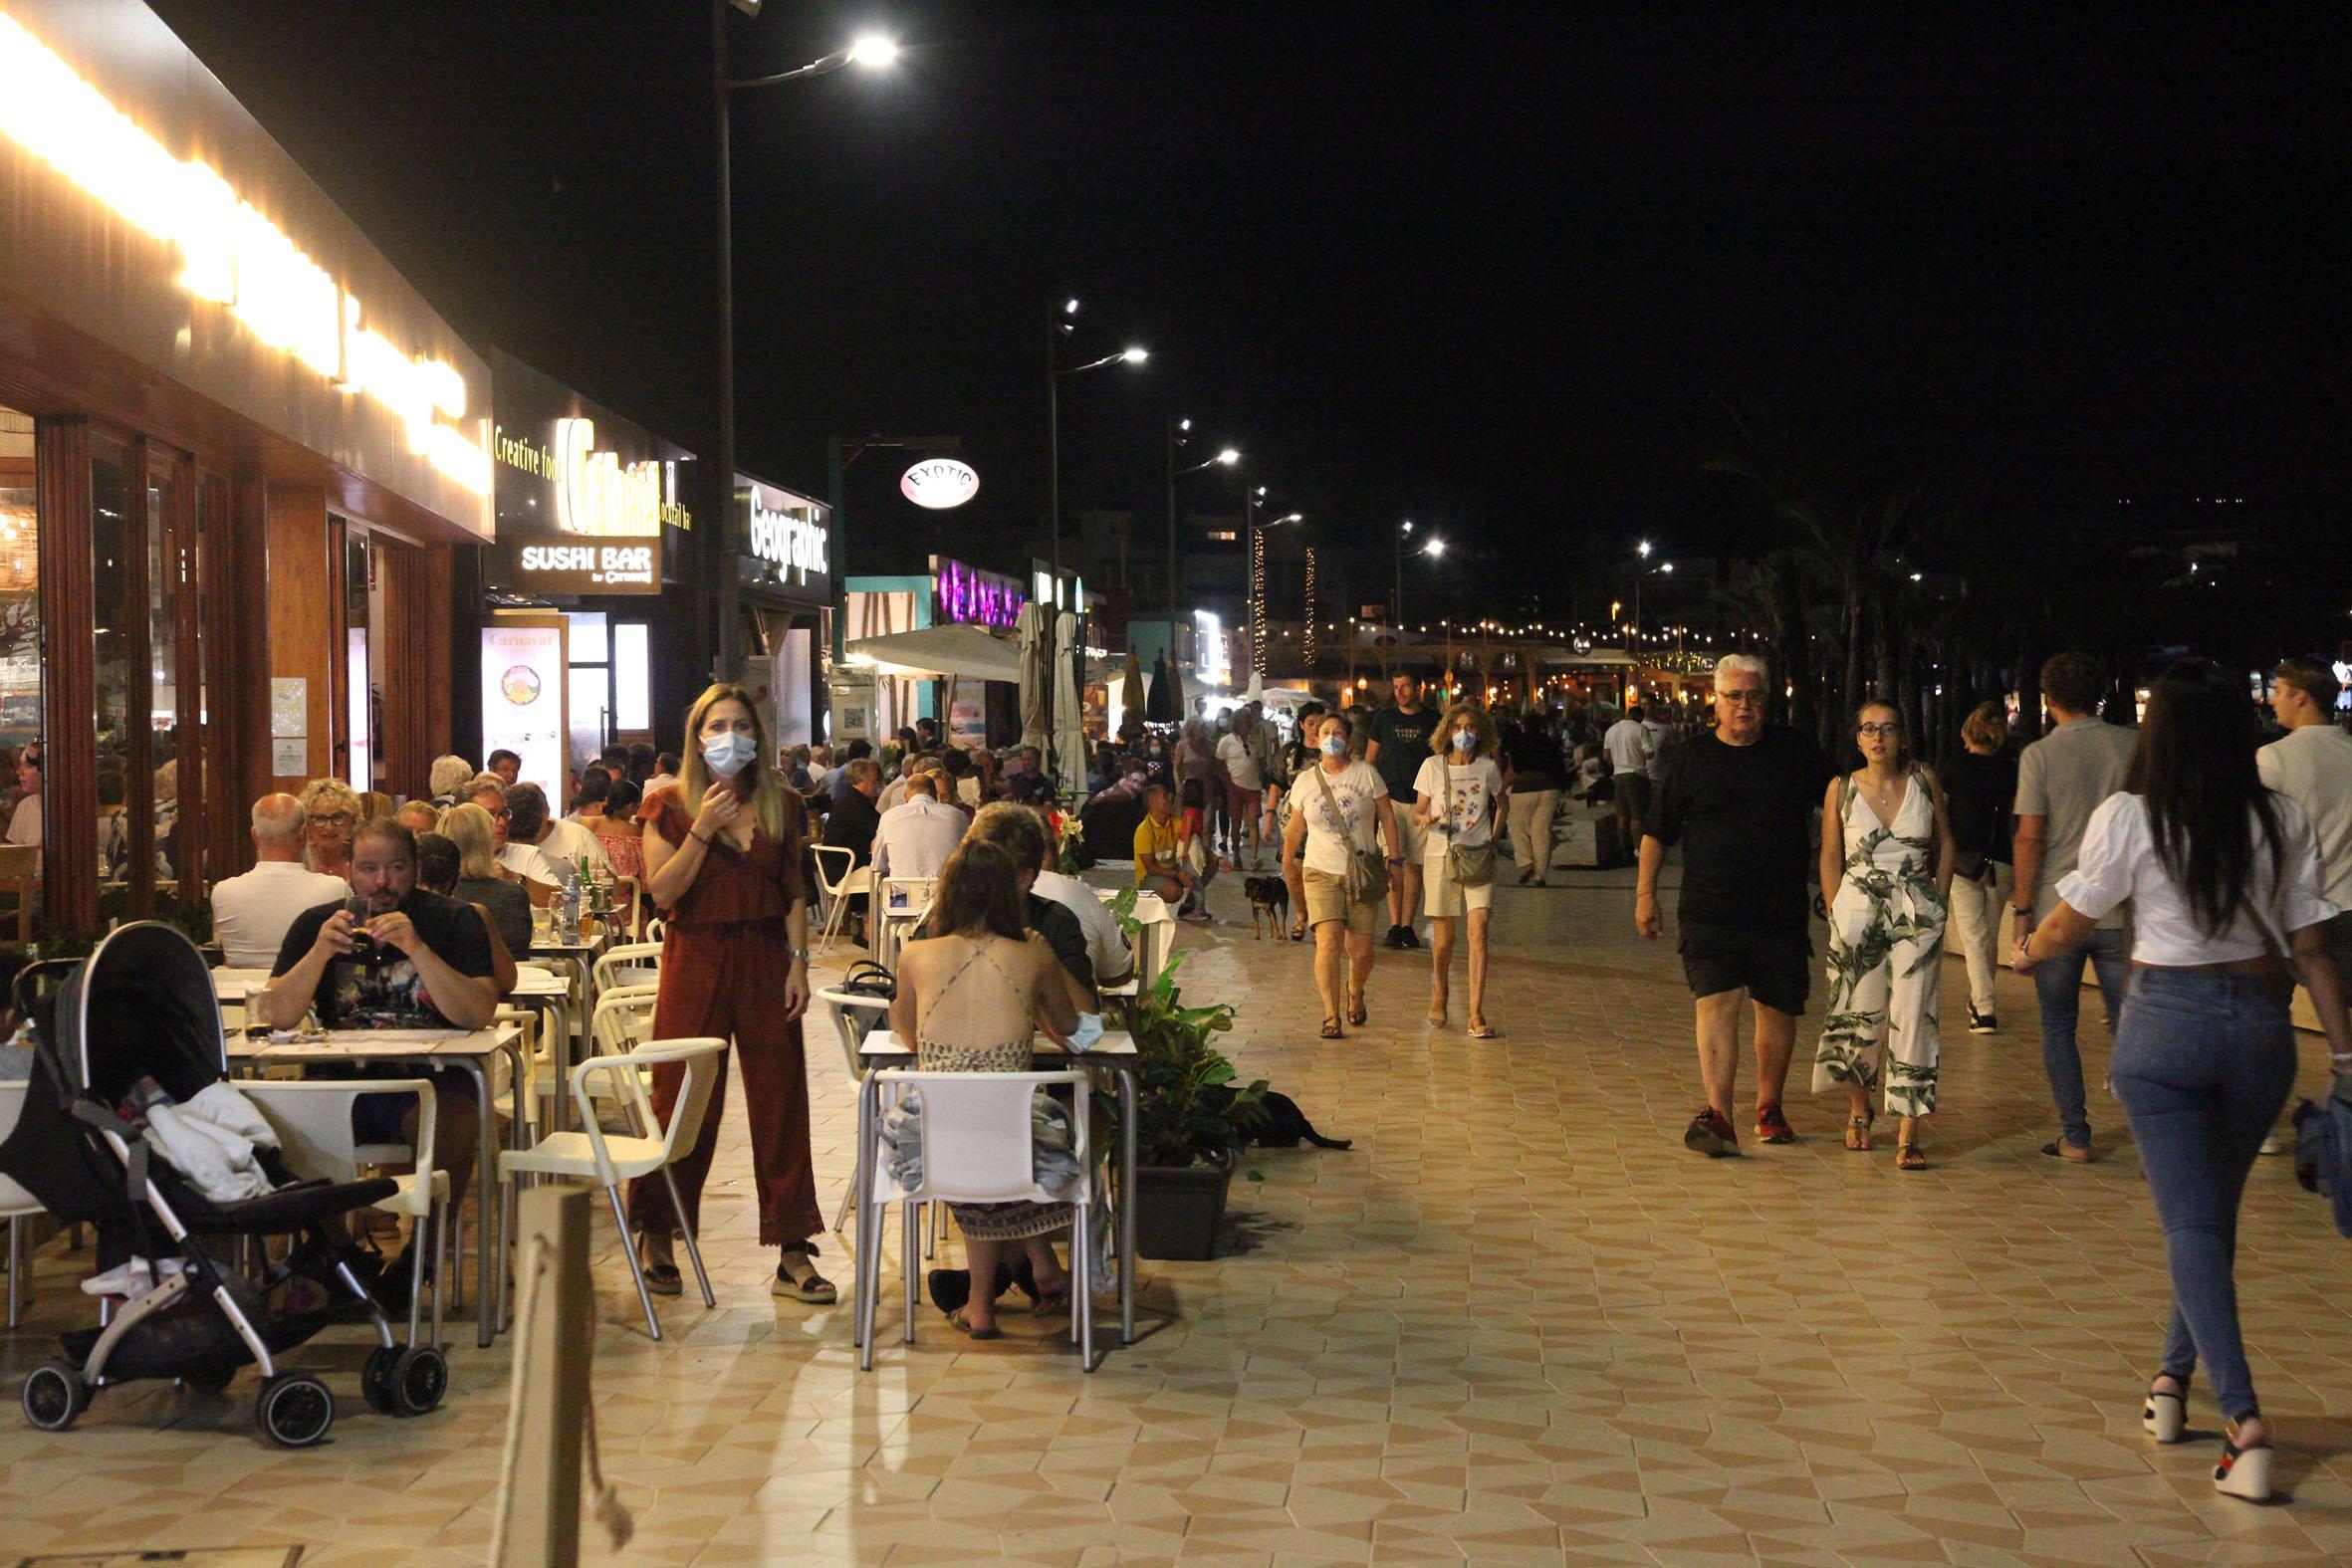 Ambiente en el paseo del Arenal la noche del sábado